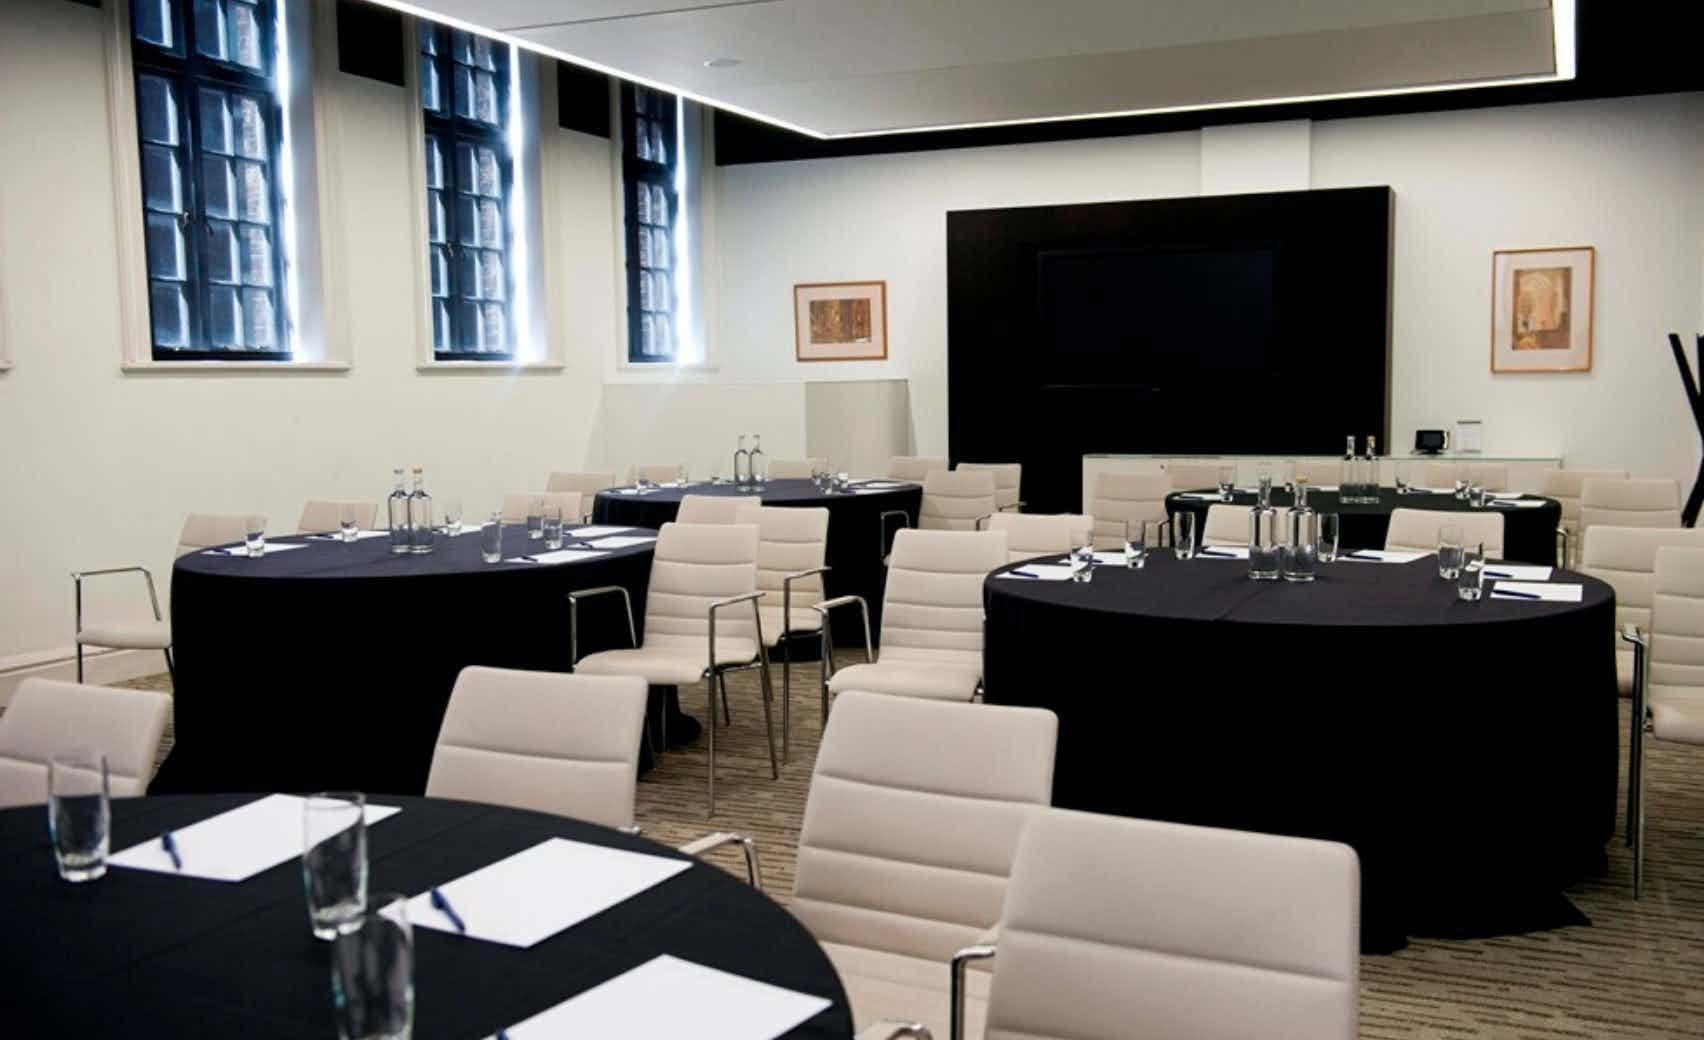 Ground Floor Meeting Room 4, 30 Euston Square